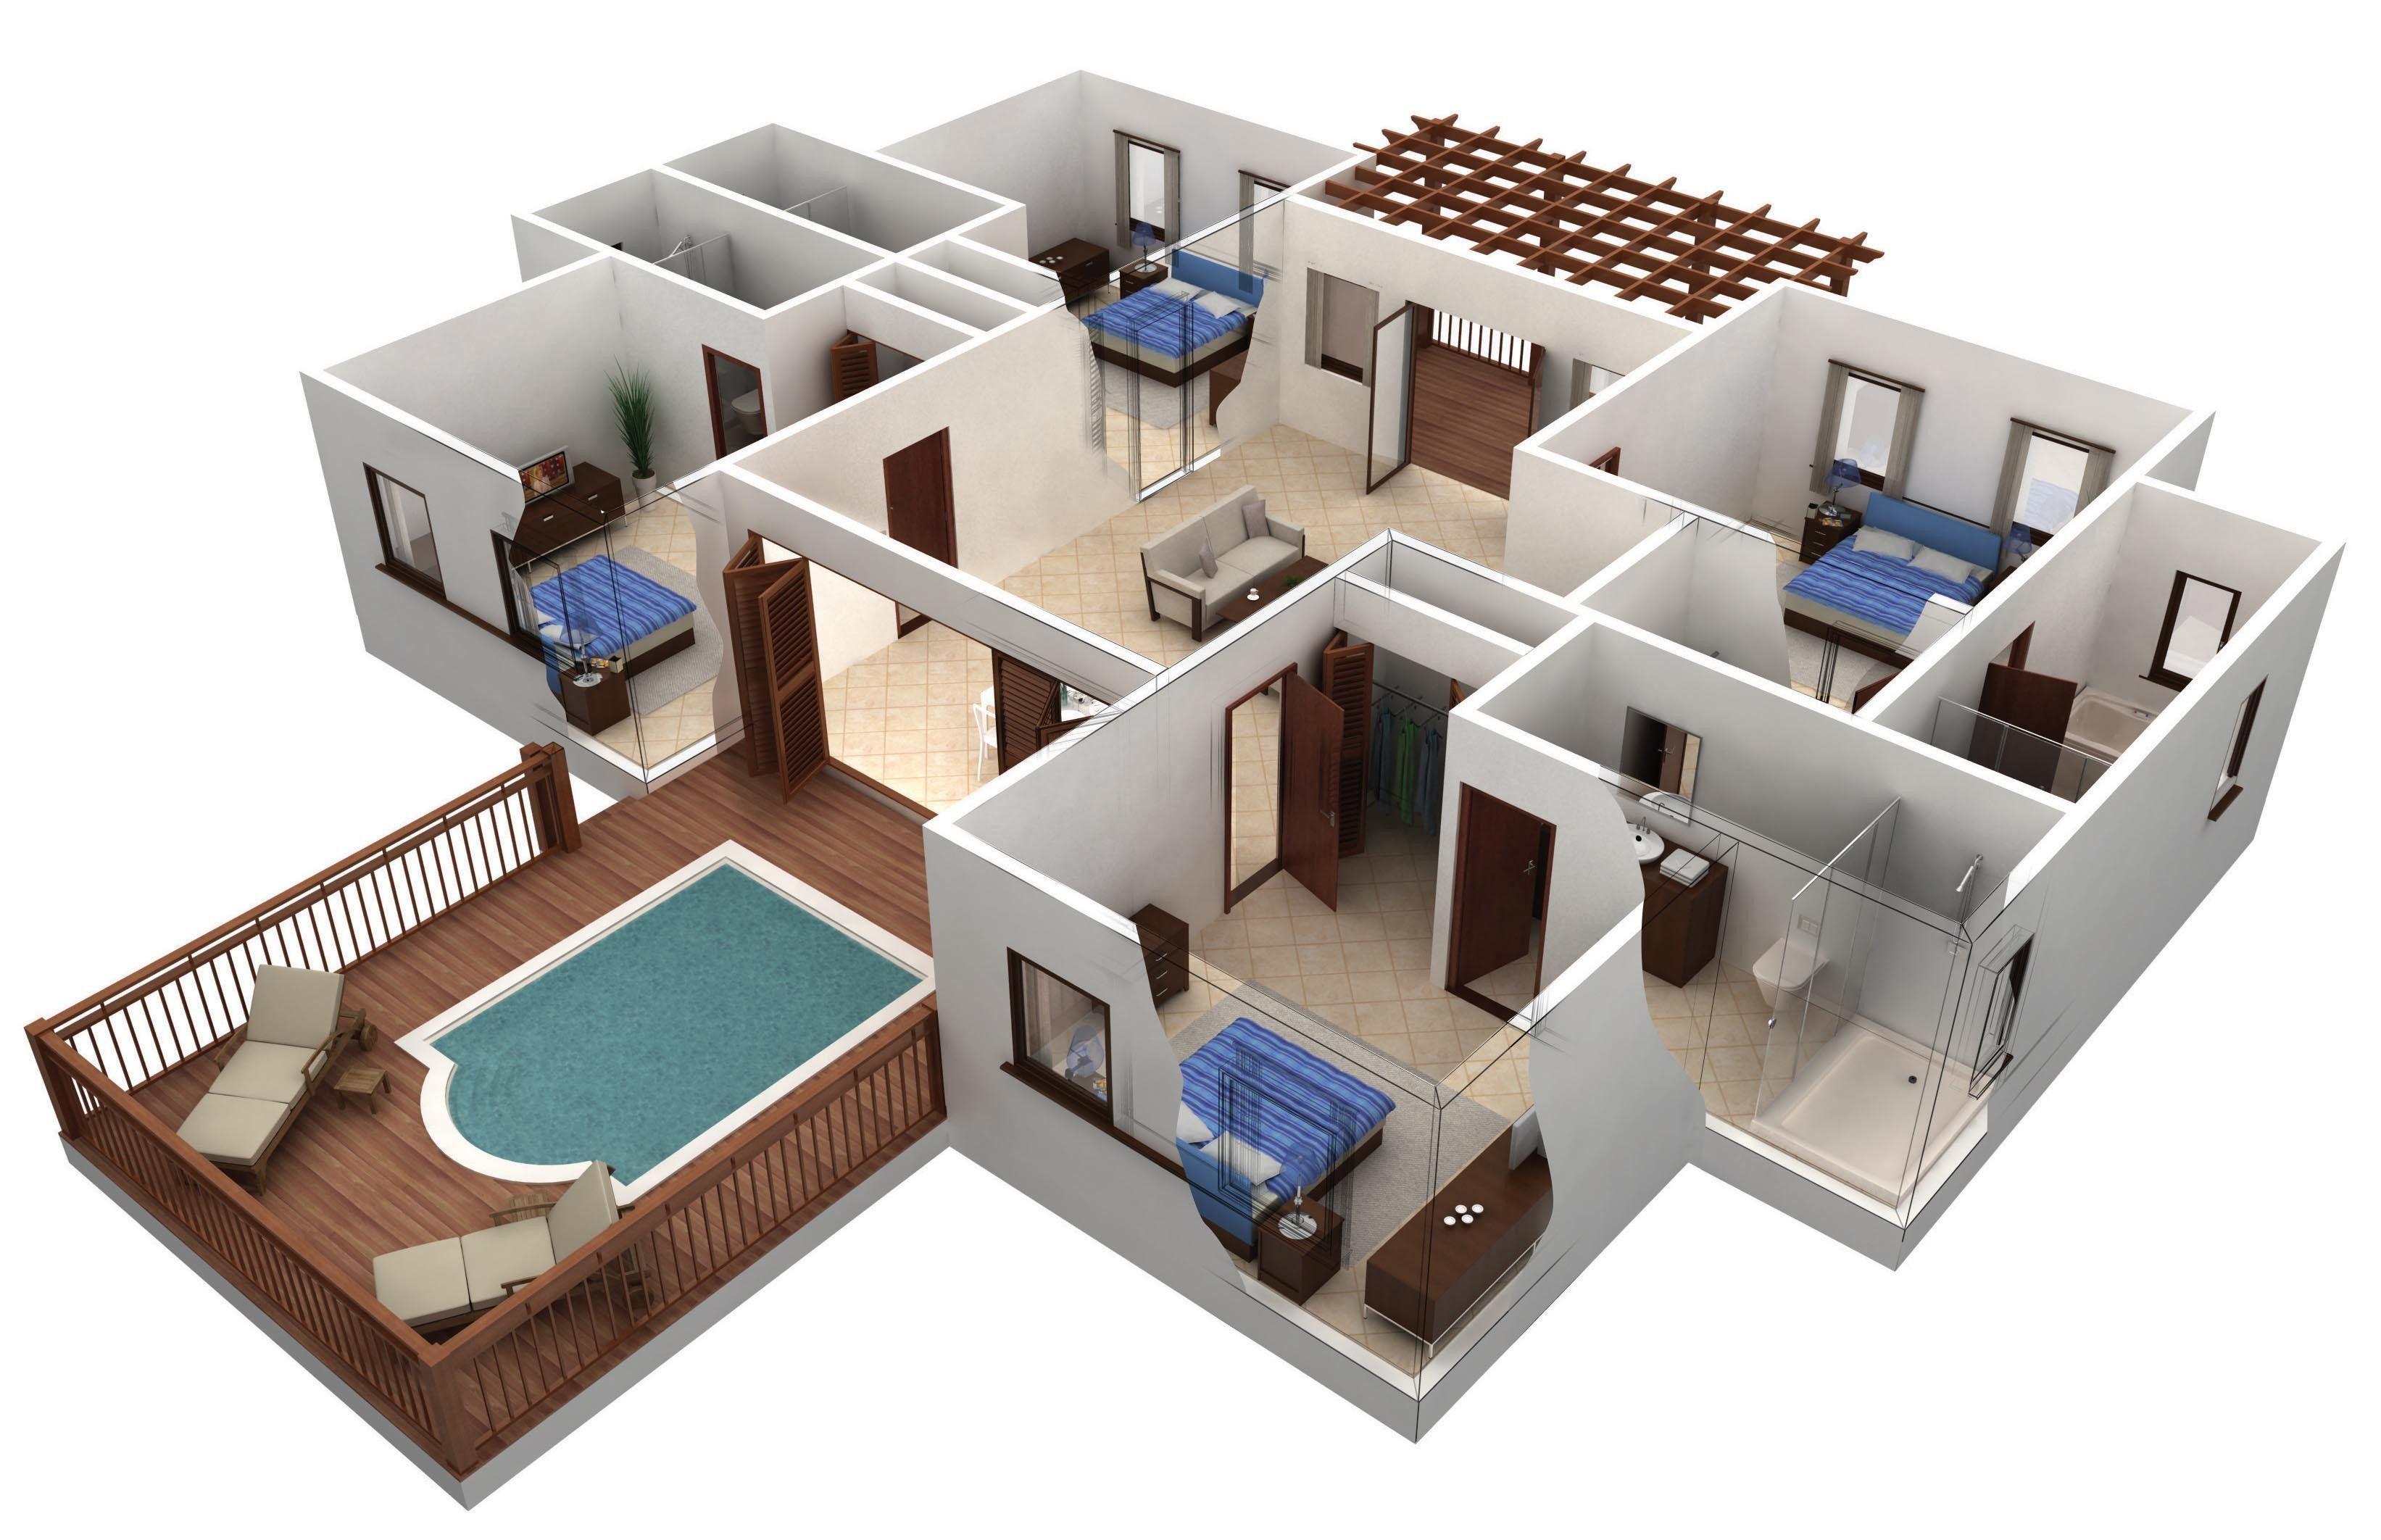 25 Two Bedroom Houseapartment Floor Plans Floor Plan Software 3d 3d House Plans Building Plans House Smart House Plans